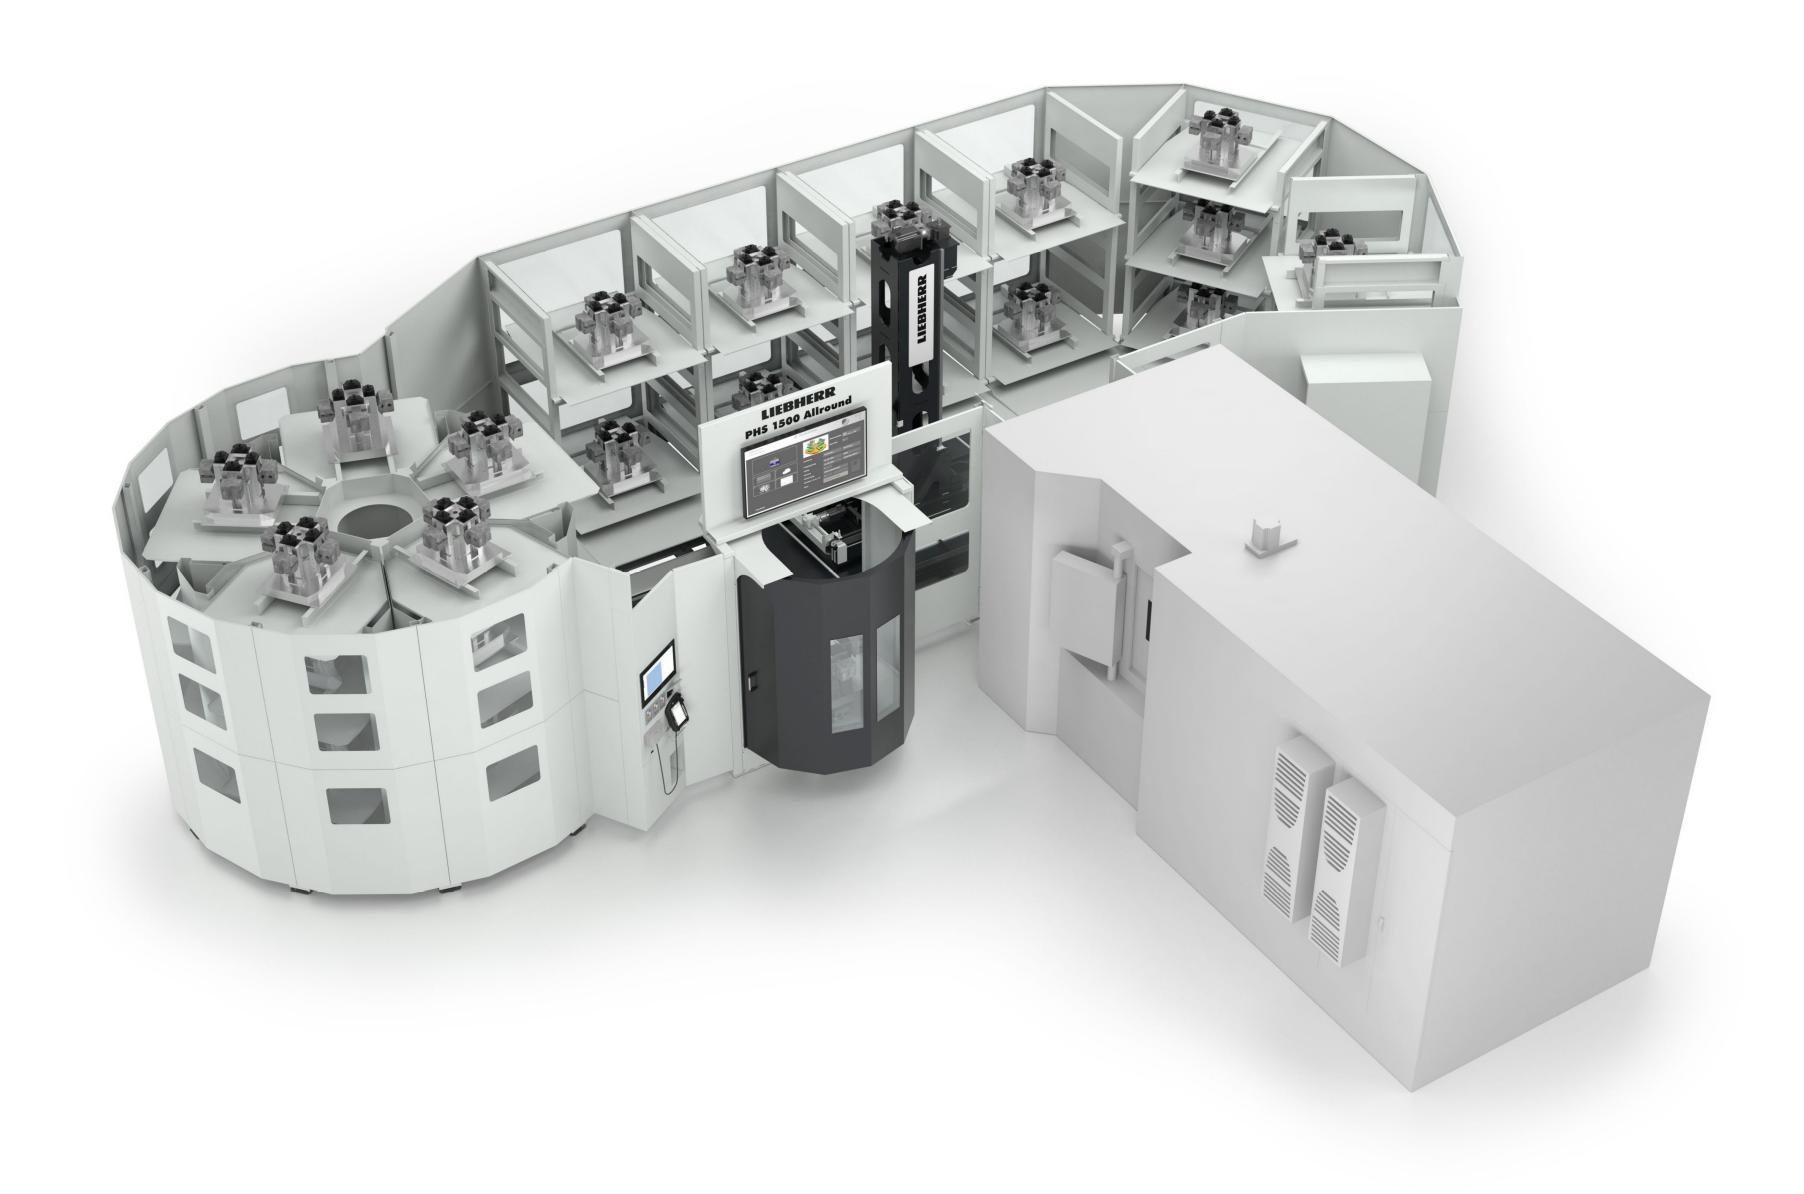 De PHS Allround is zeer gebruiksvriendelijk en heeft Industry 4.0-functies